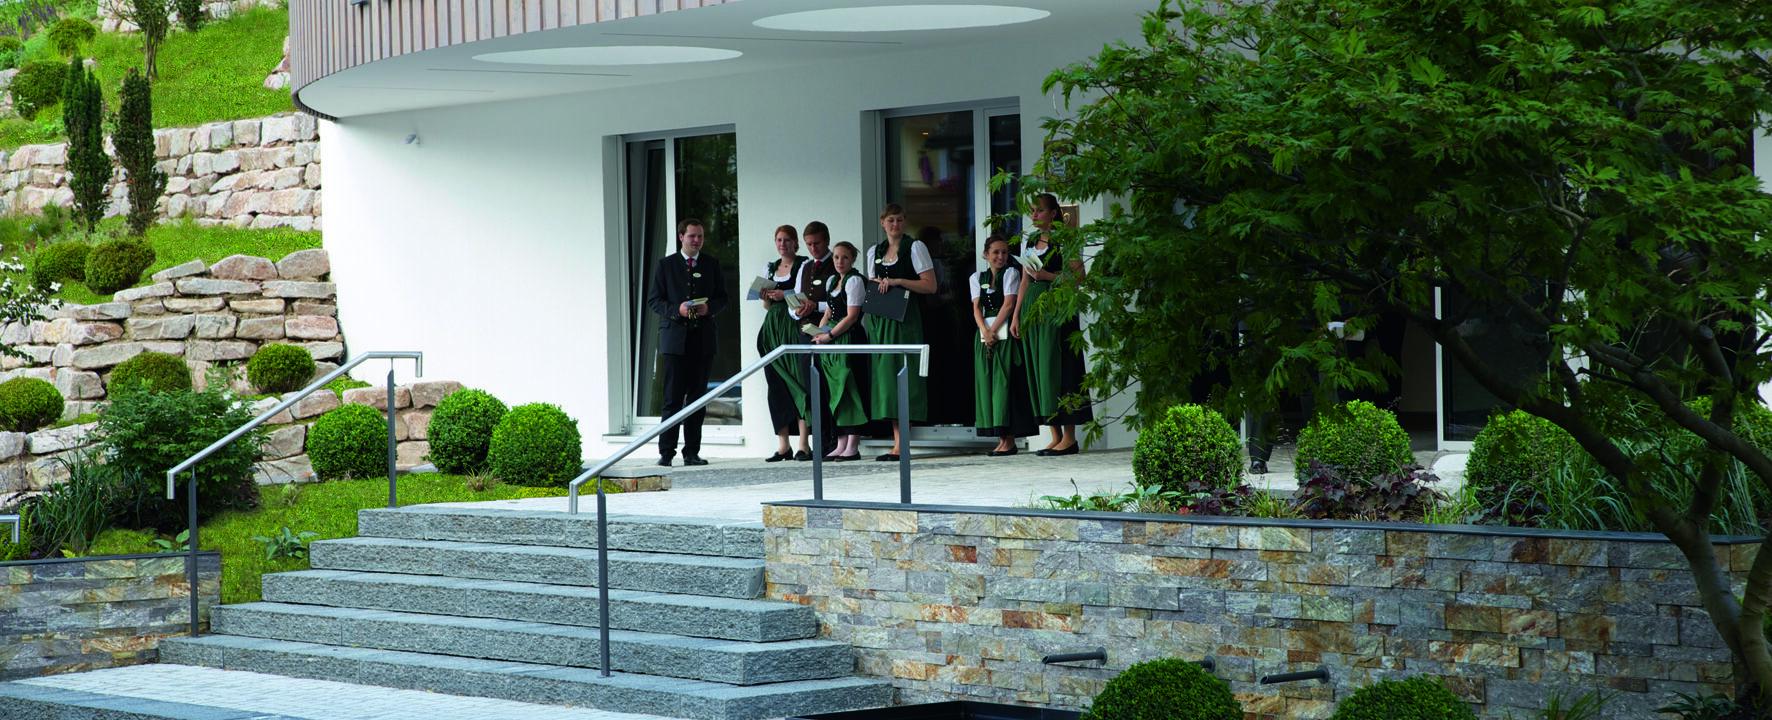 Hotel Traube Tonbach Außenansicht